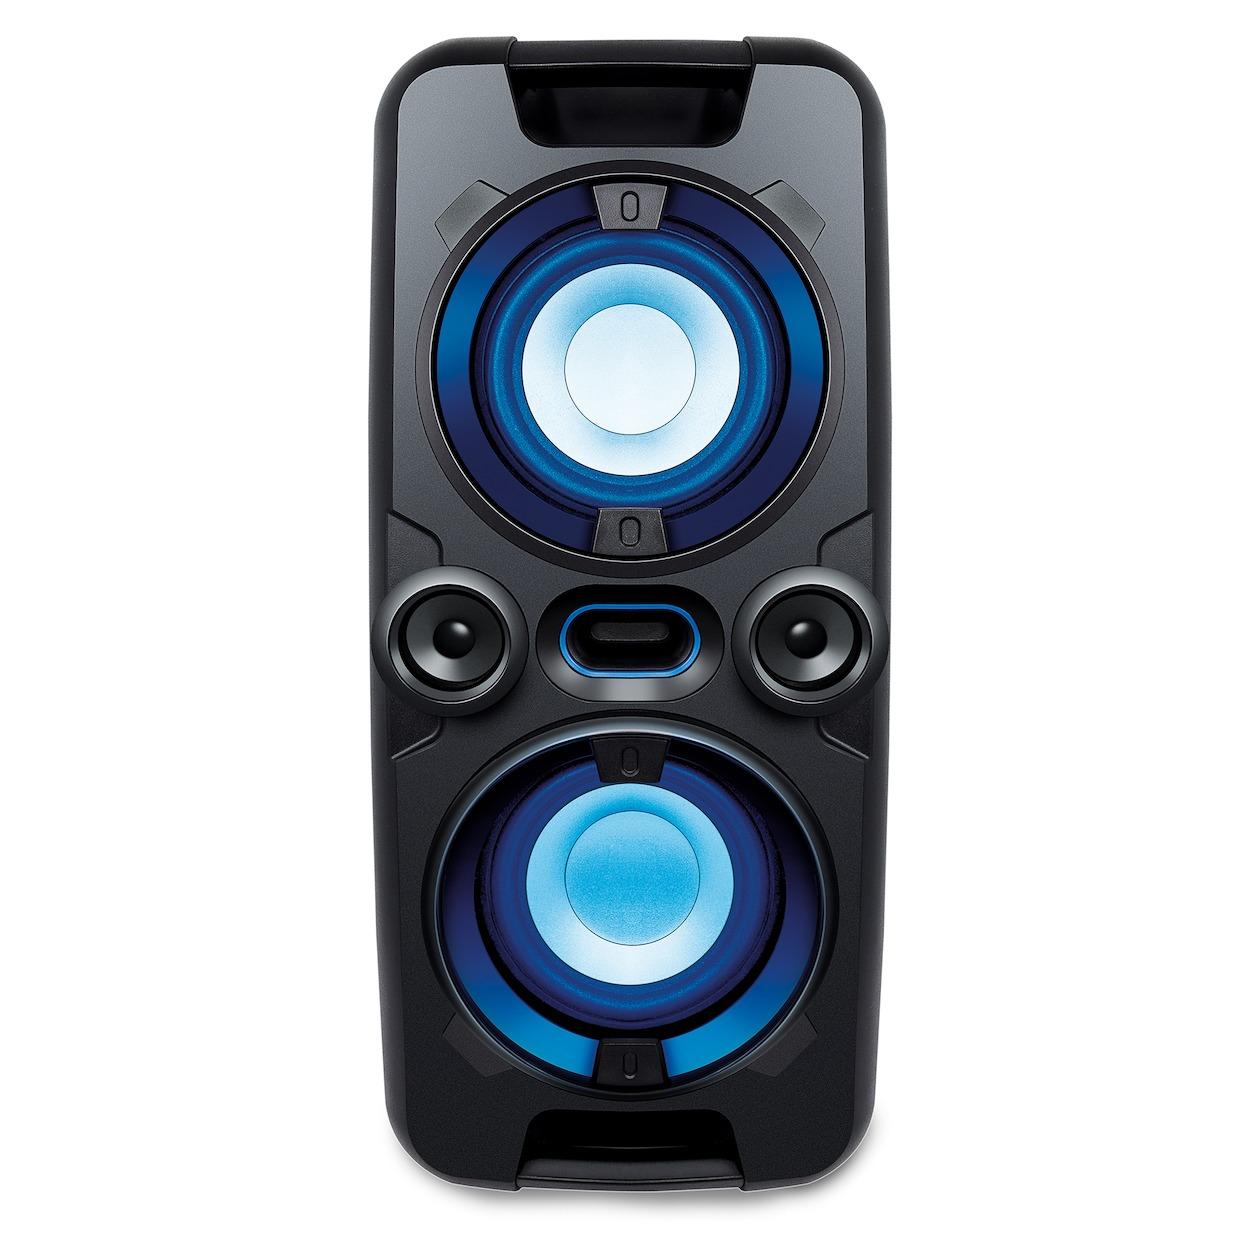 Sencor bluetooth speaker SSS 3800